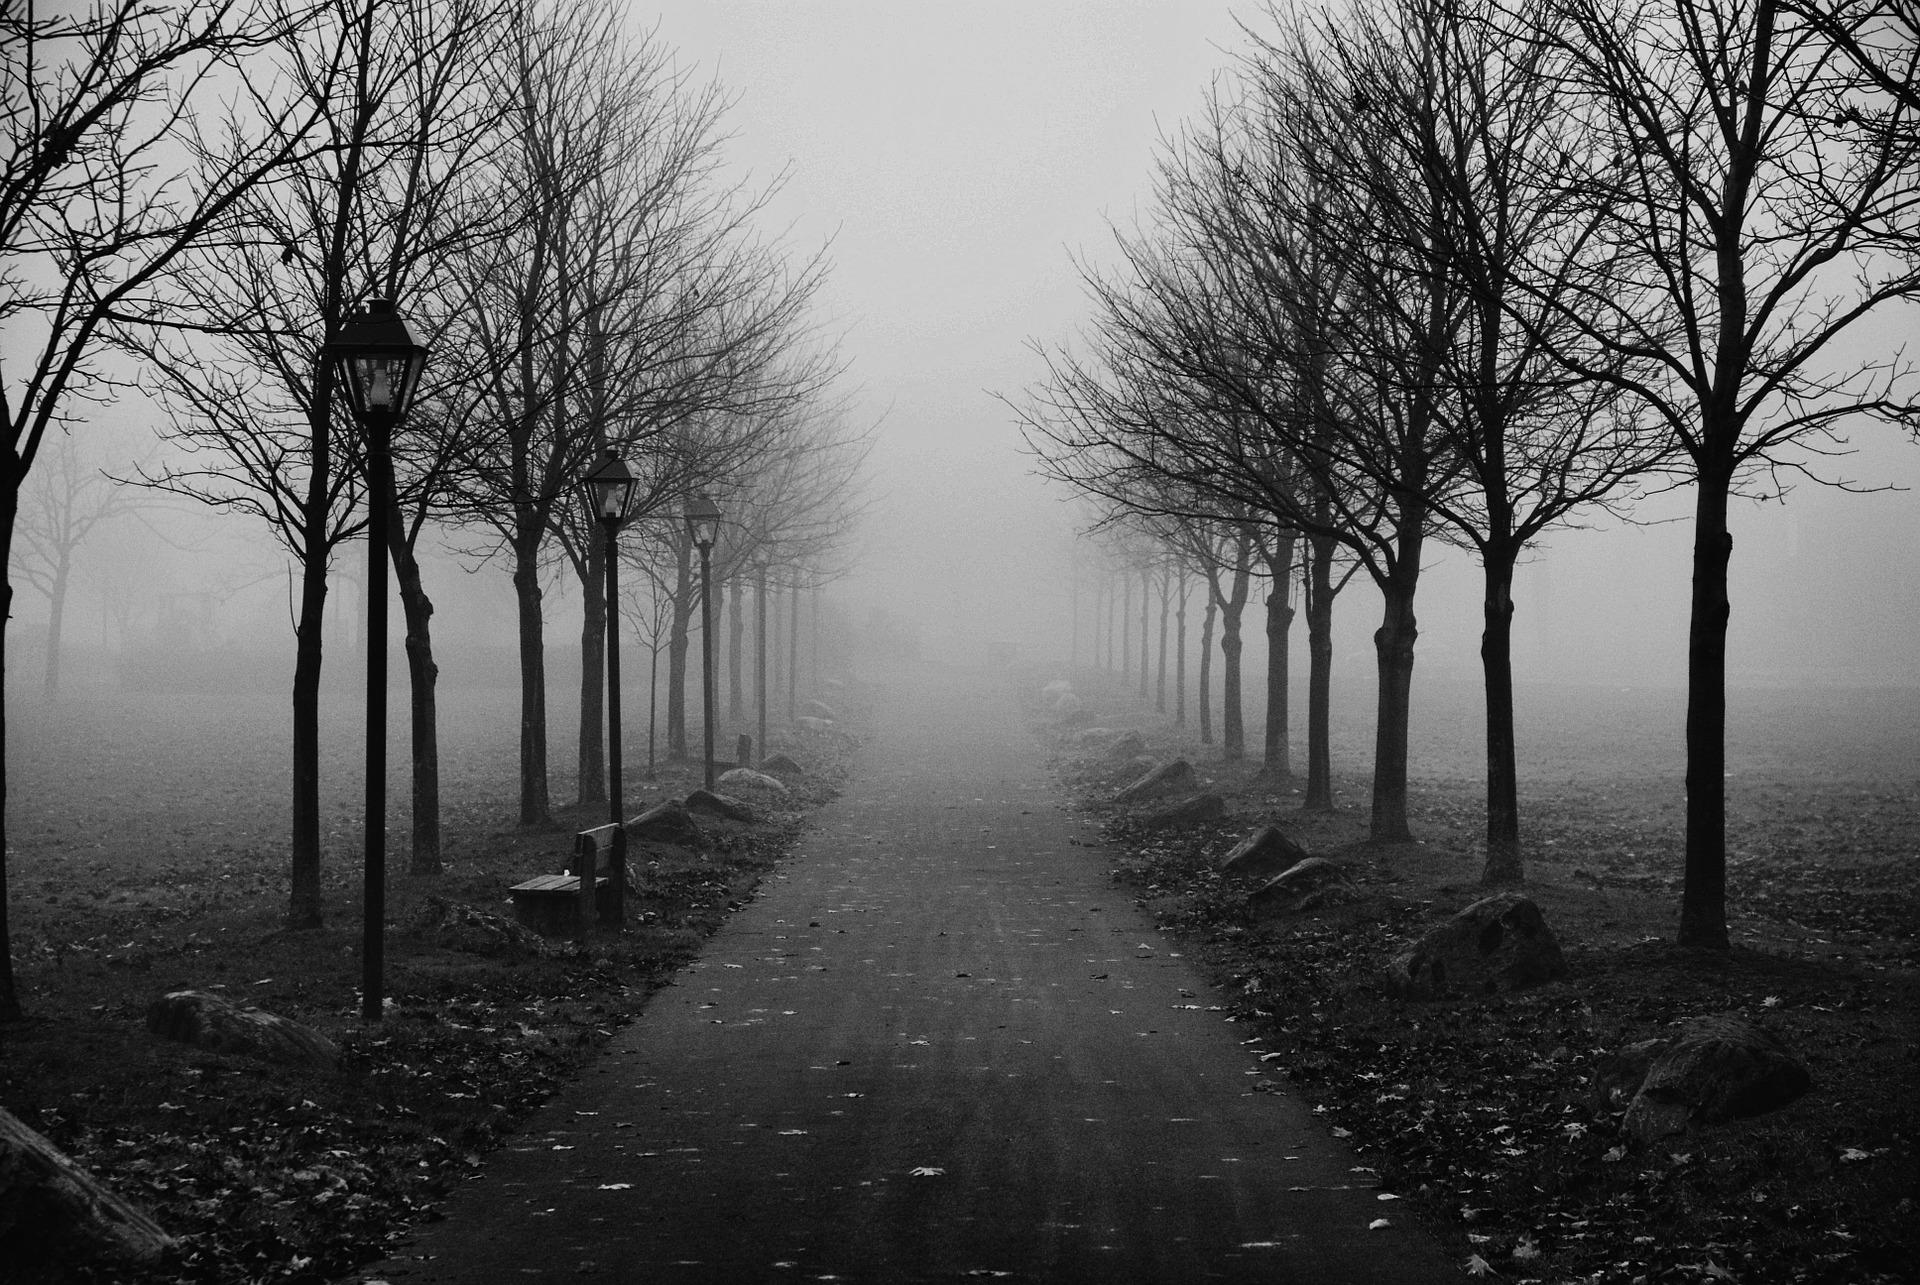 foggy-sidewalk-1123360_1920